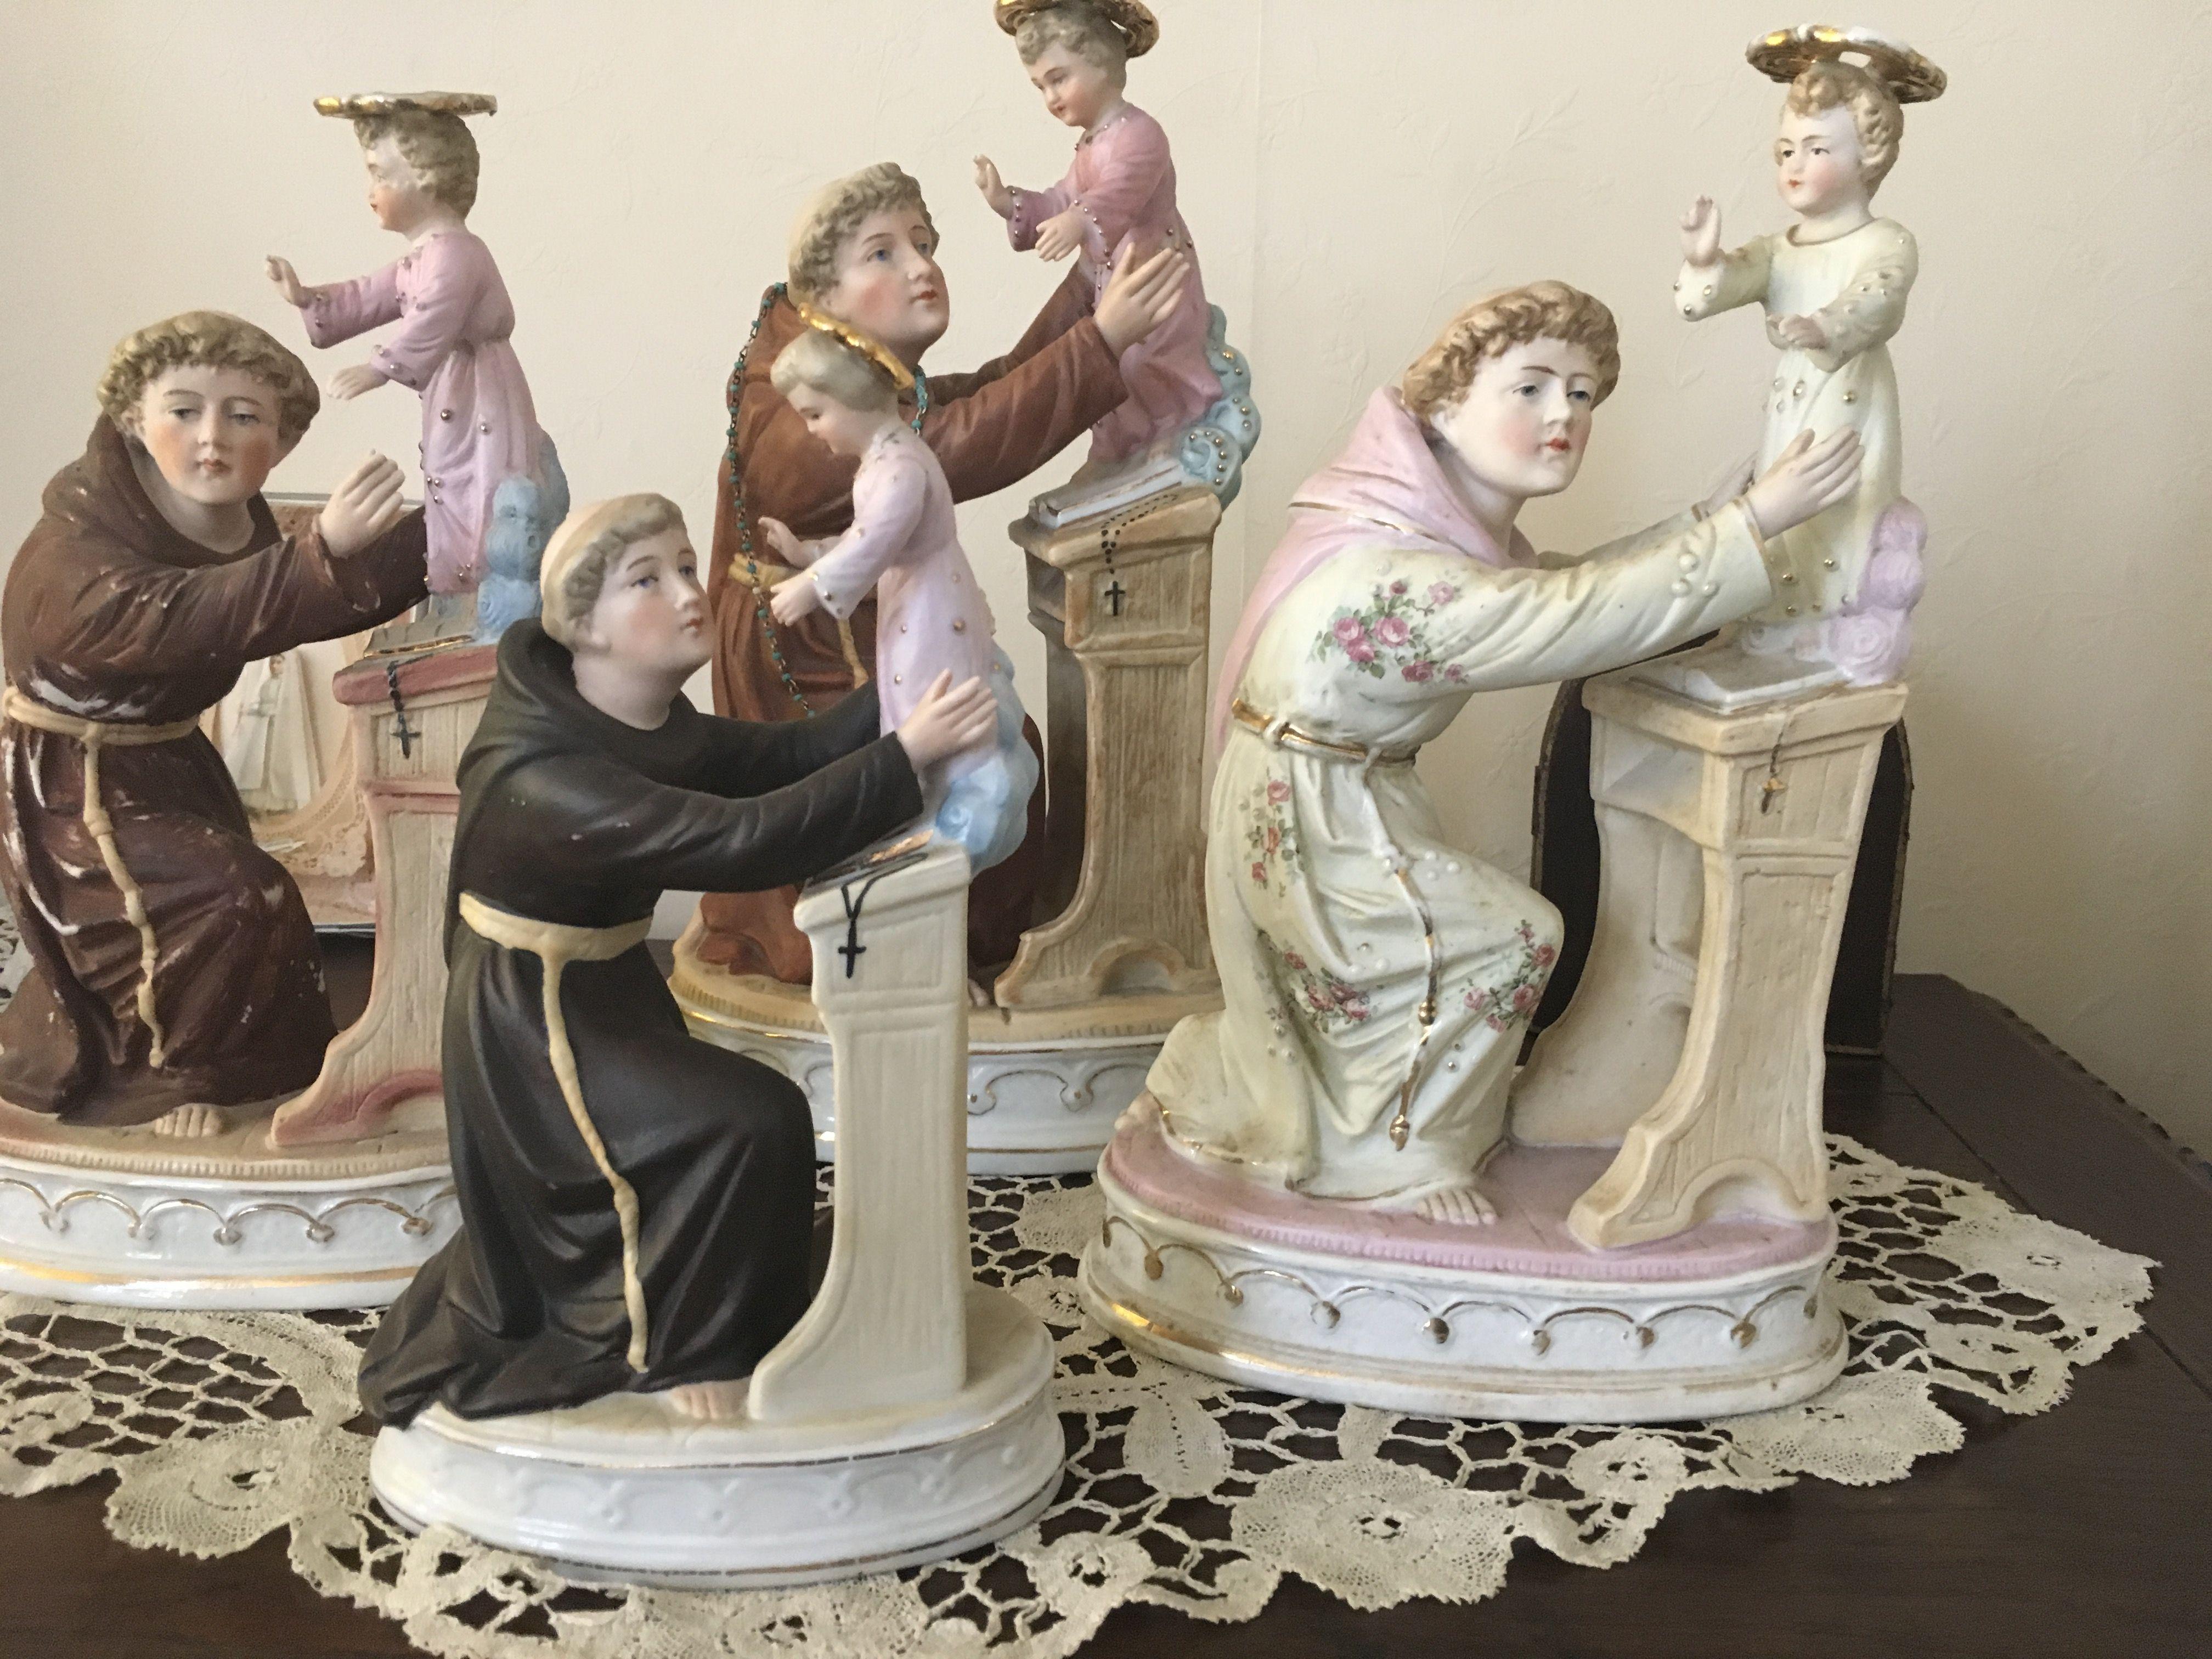 Sint Antoon met bidbank Bisquitporselein  Rond1900 Duitse makelei